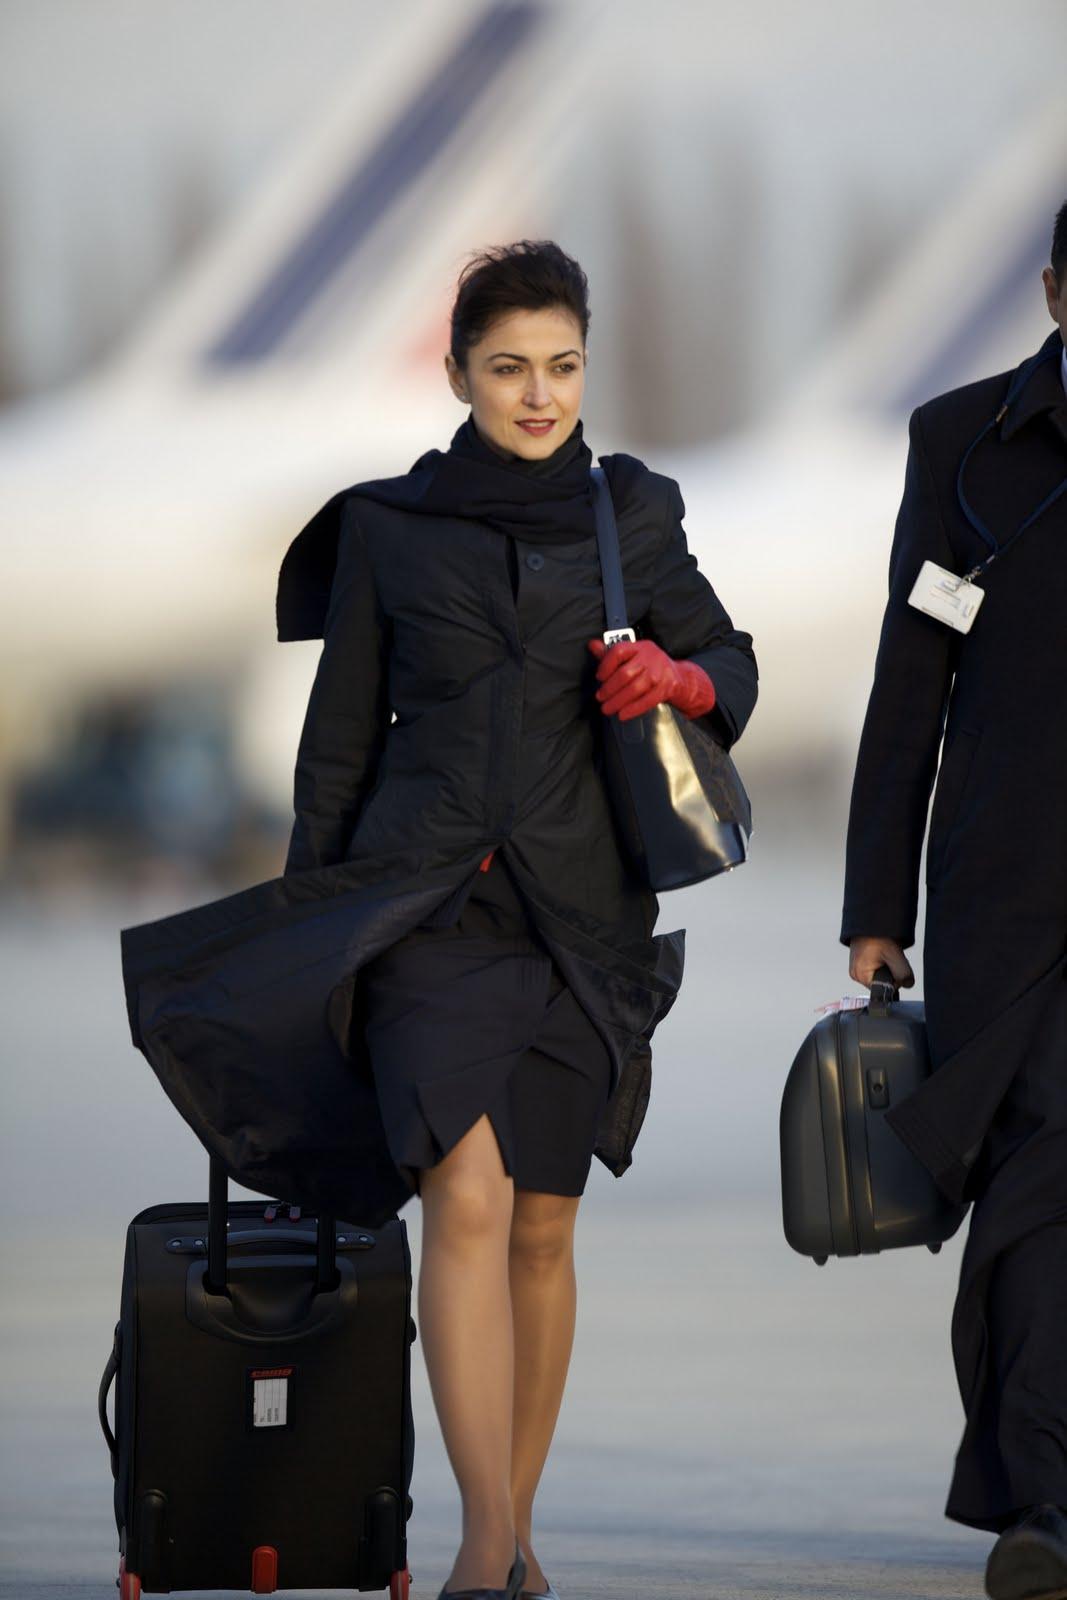 Air stewardess air france 9